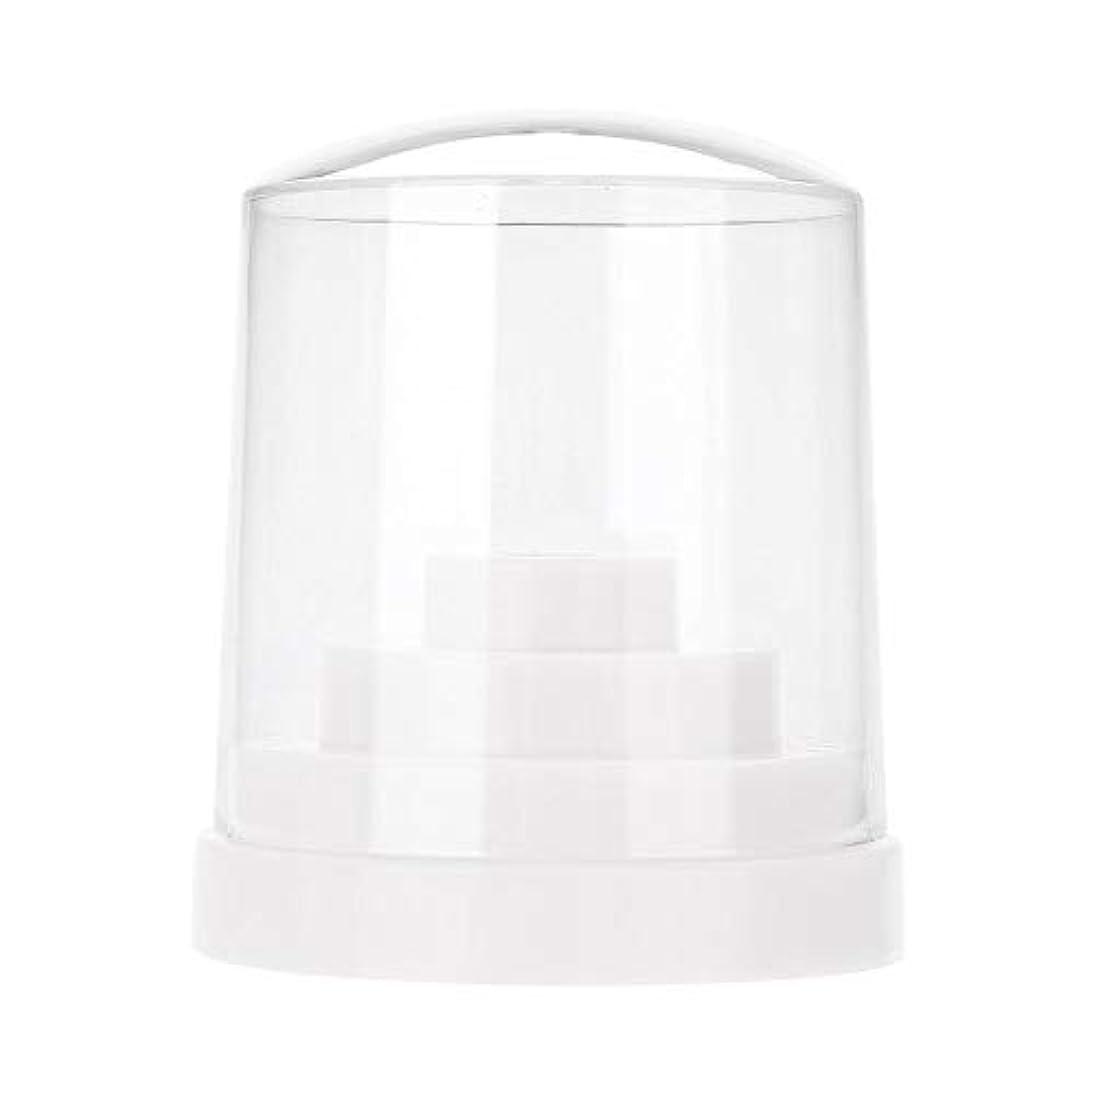 ネイルドリルスタンド、48穴ネイルアートプラスチックネイルケアドリルスタンドホルダードリルビットディスプレイオーガナイザーボックスアートアクセサリー(白)